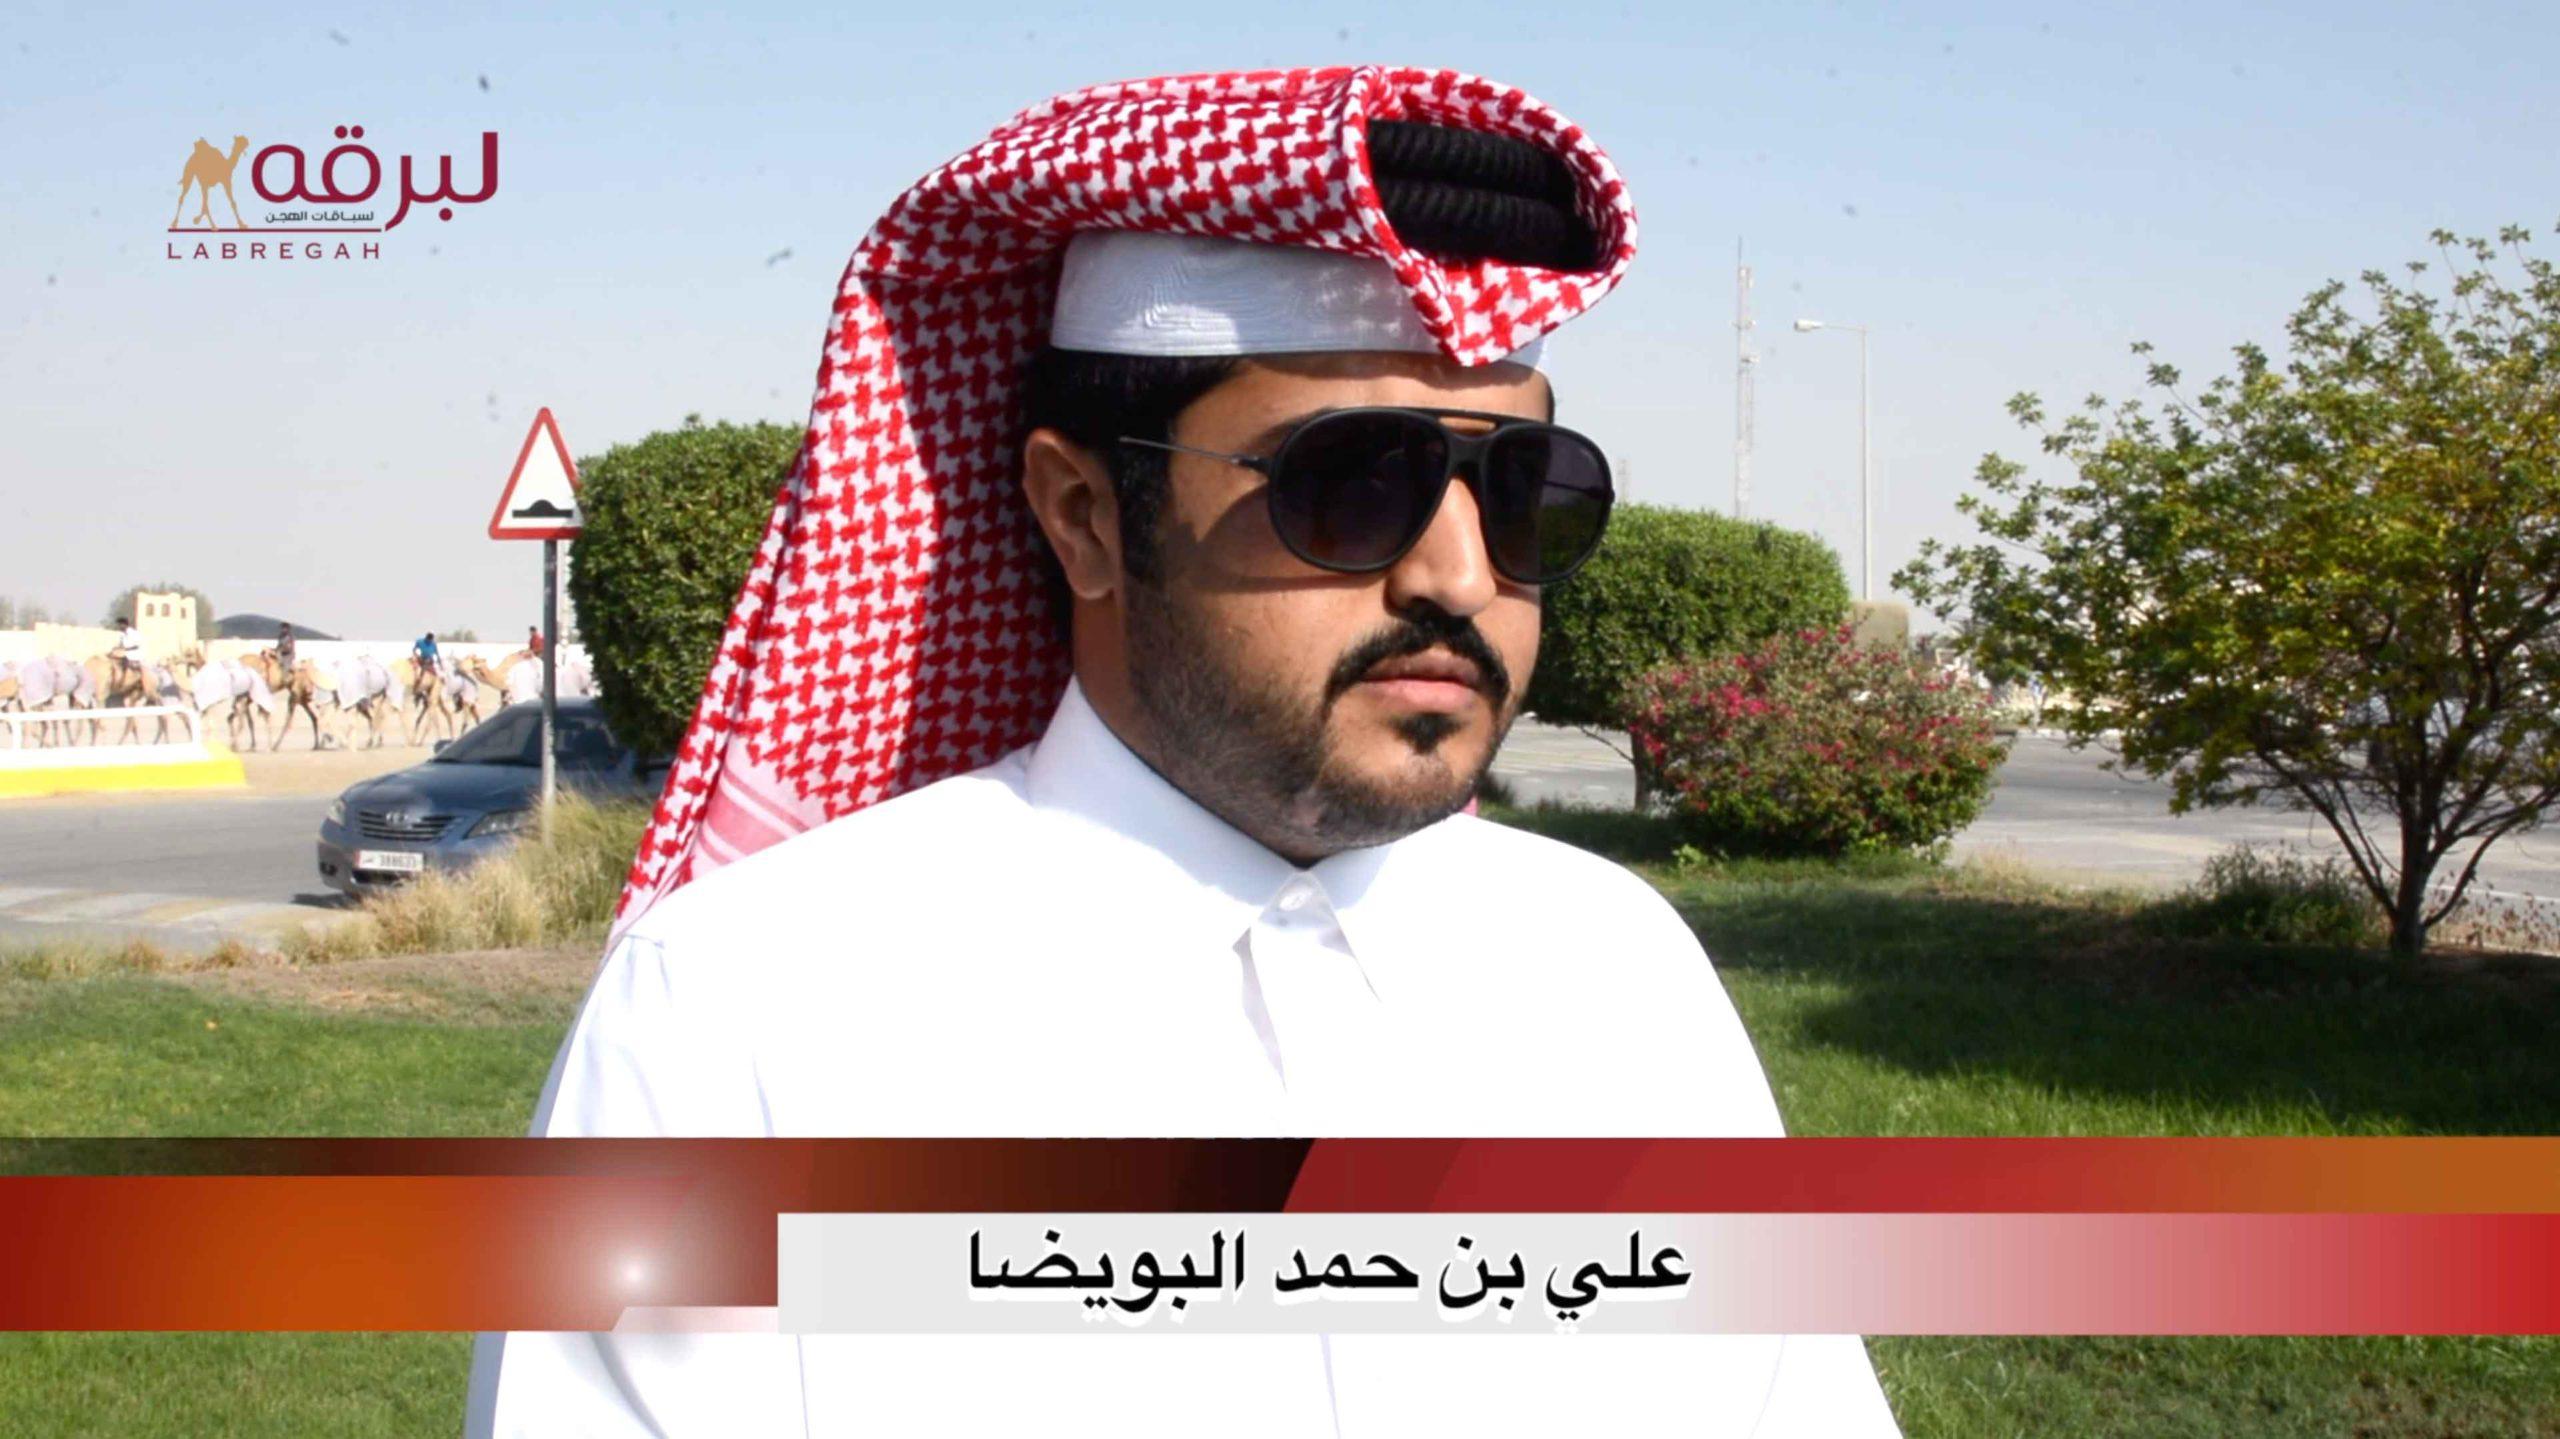 لقاء مع علي بن حمد البويضا.. الشوط الرئيسي للثنايا قعدان مفتوح الأشواط العامة ٢٥-٩-٢٠٢٠